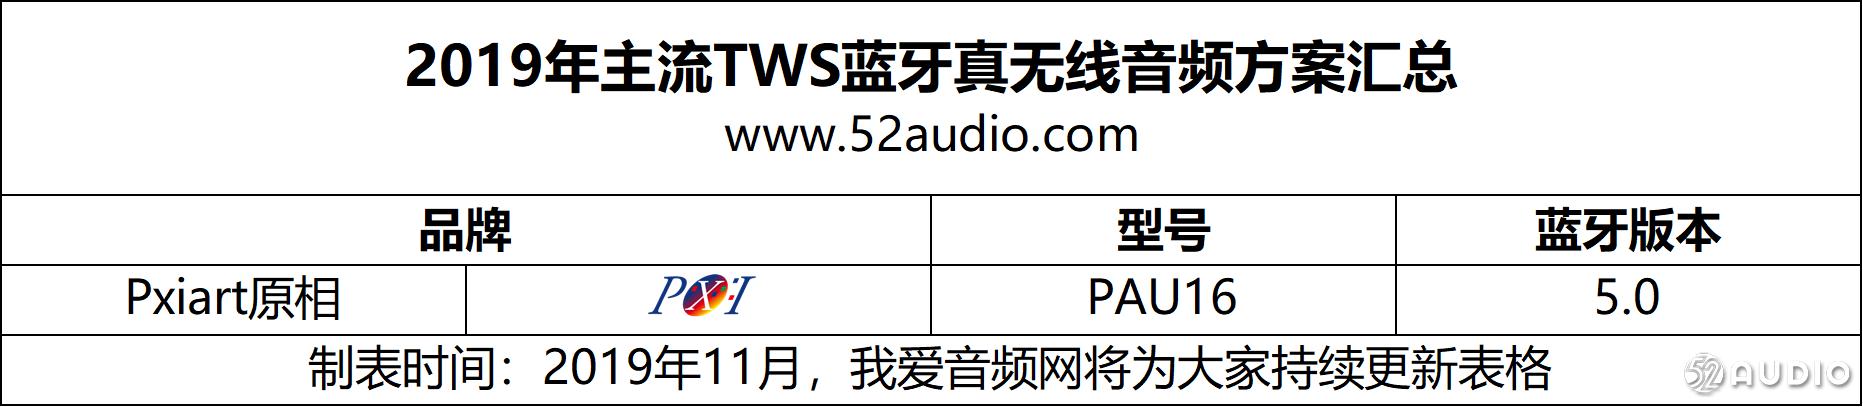 苹果AirPods推动TWS耳机产业爆发,16家原厂推出49款主控芯片-我爱音频网